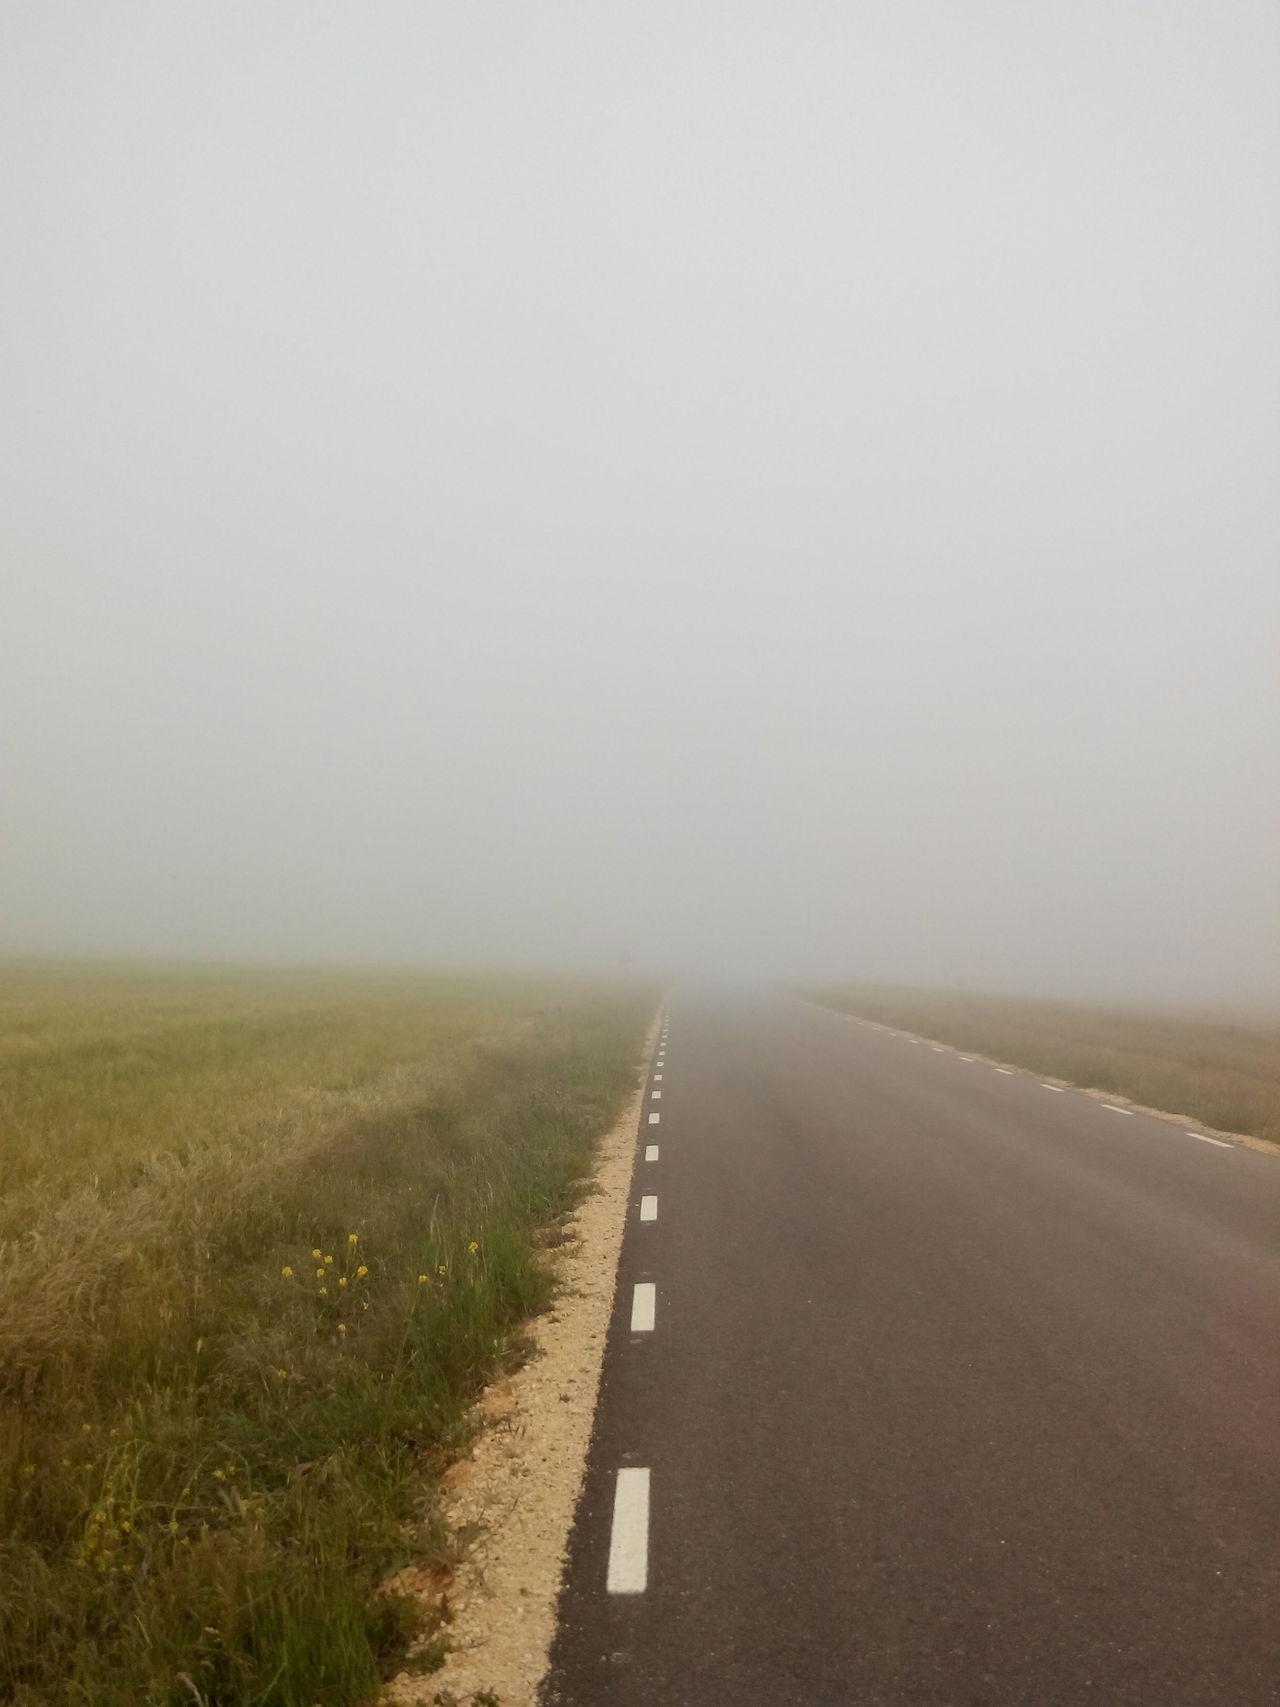 2014 El Camino De Santiago Fog Foggy Jakobsweg Journey Nebel Nebelig Pilgern Pilgerschaft Pilgrimage Road Way Way Of Saint James Weg